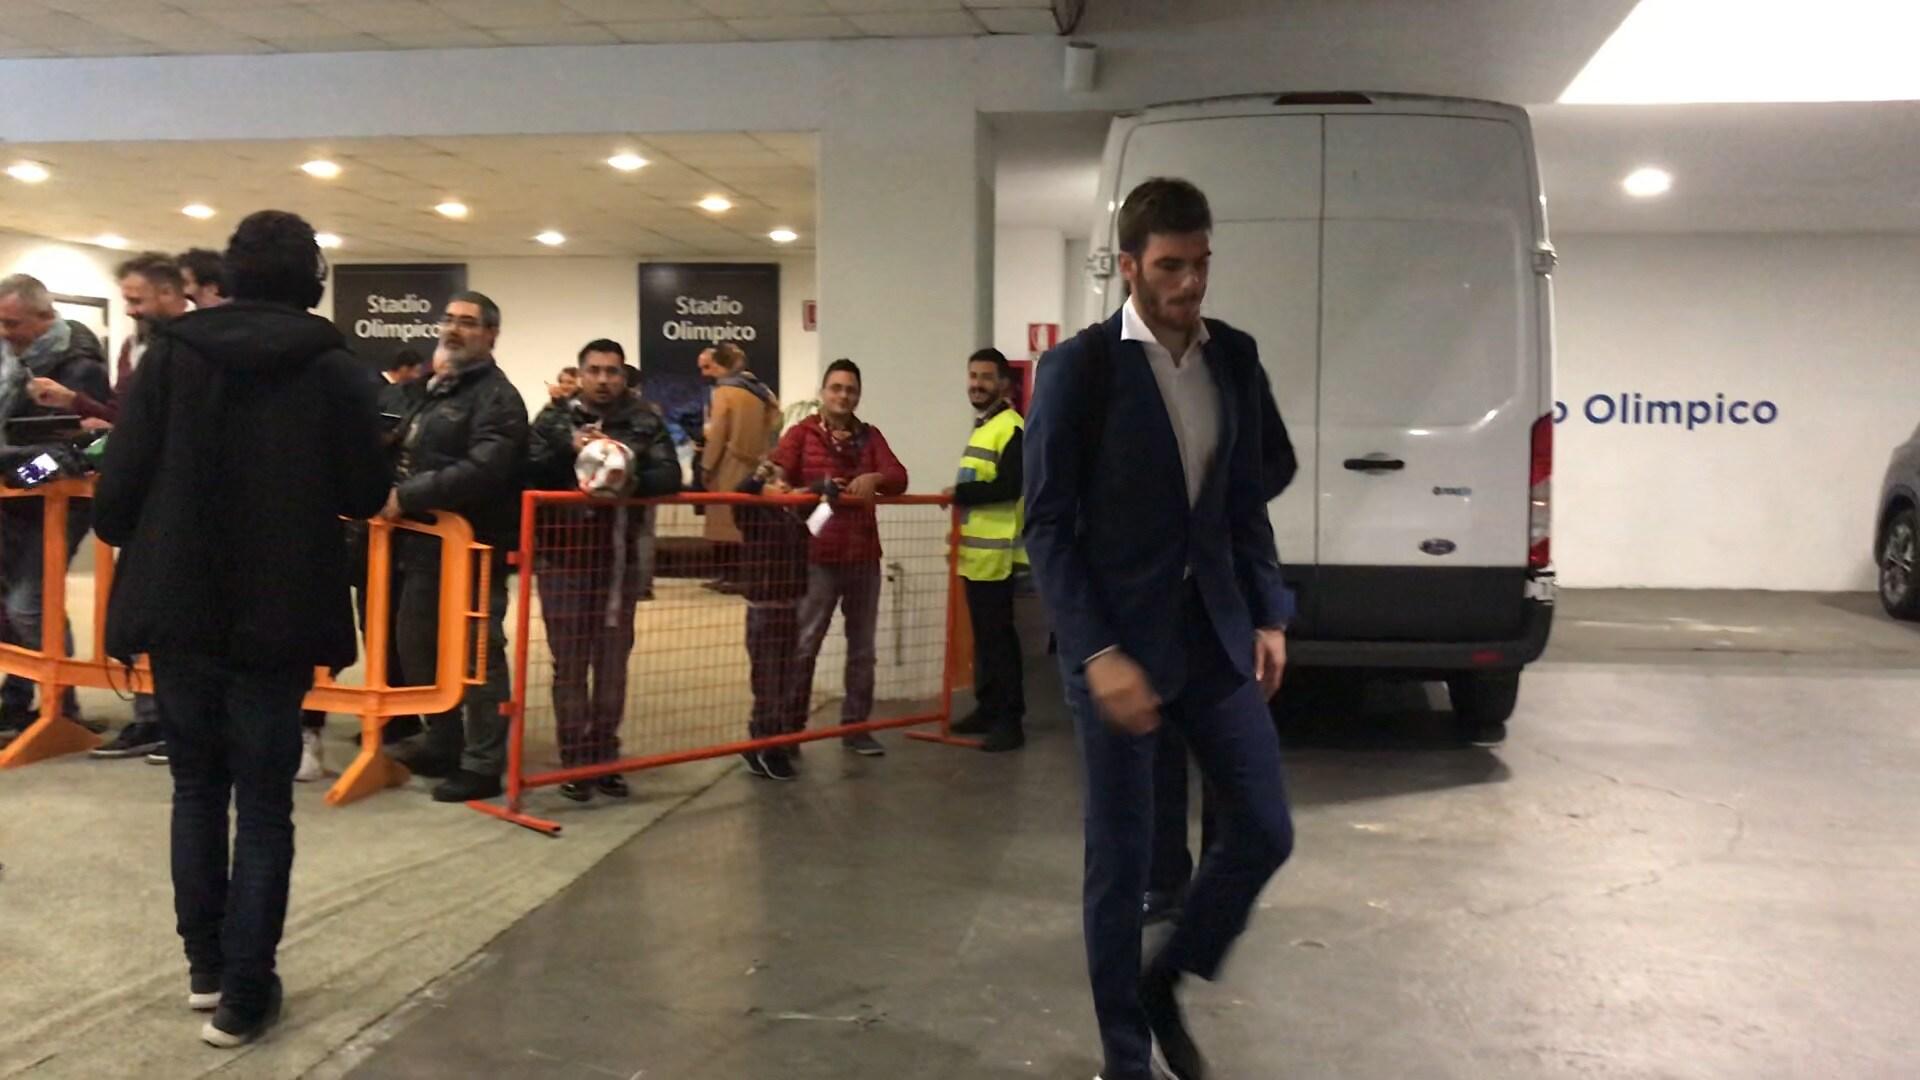 Roma, altro problema muscolare: Santon esce dallo stadio zoppicando